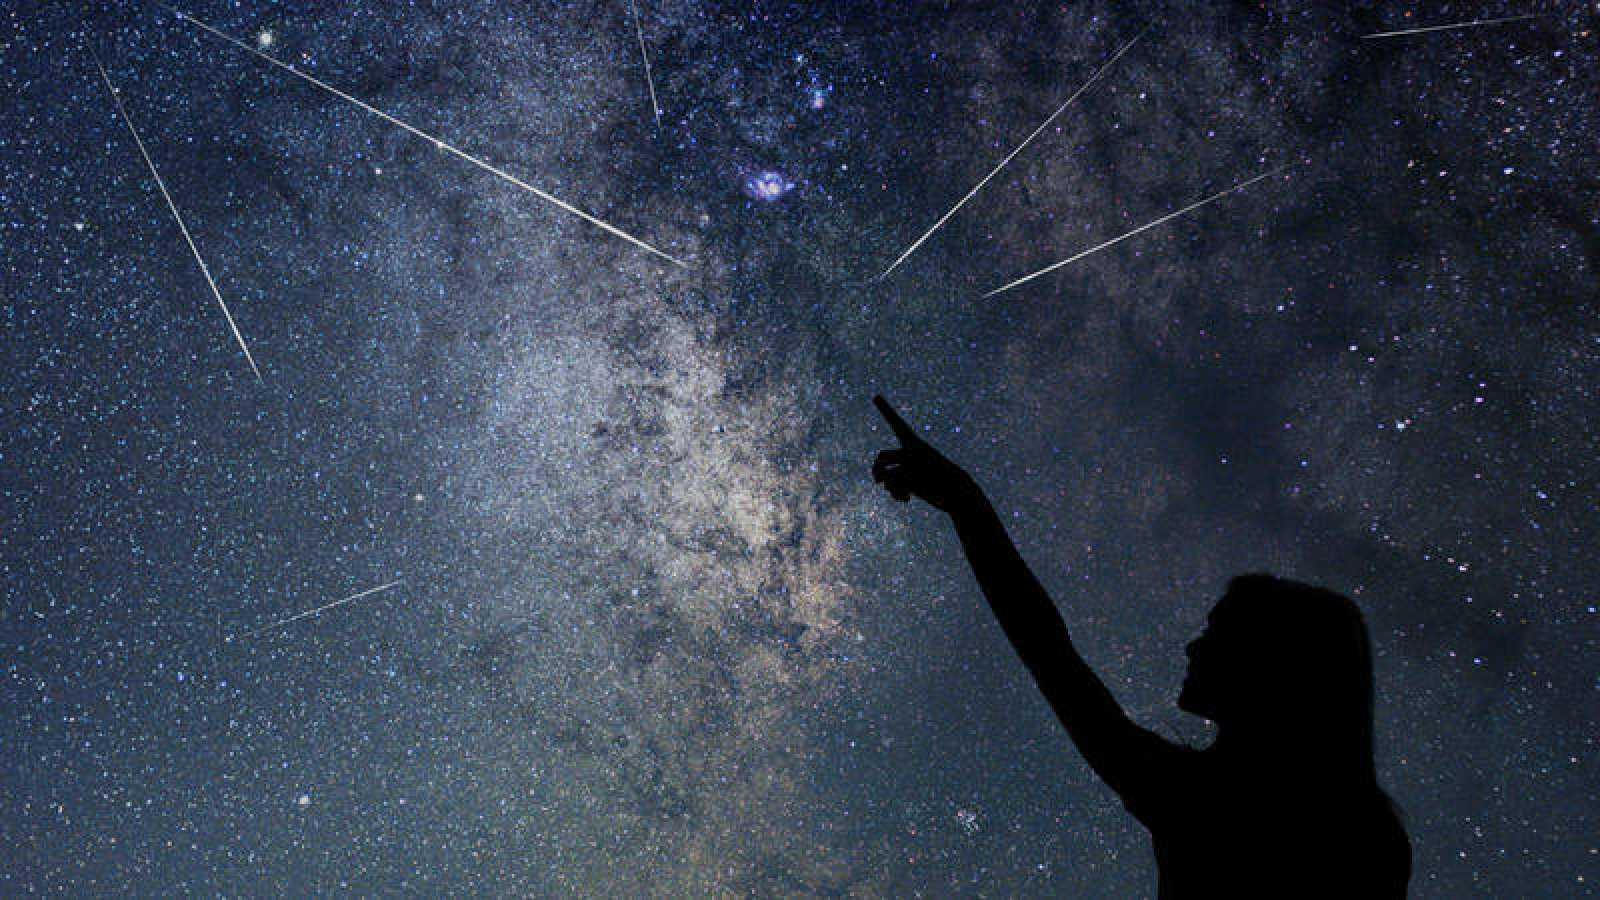 Un observador podrá ver un meteoro cada dos minutos si está situado en un lugar sin contaminación lumínica y con horizontes despejados.